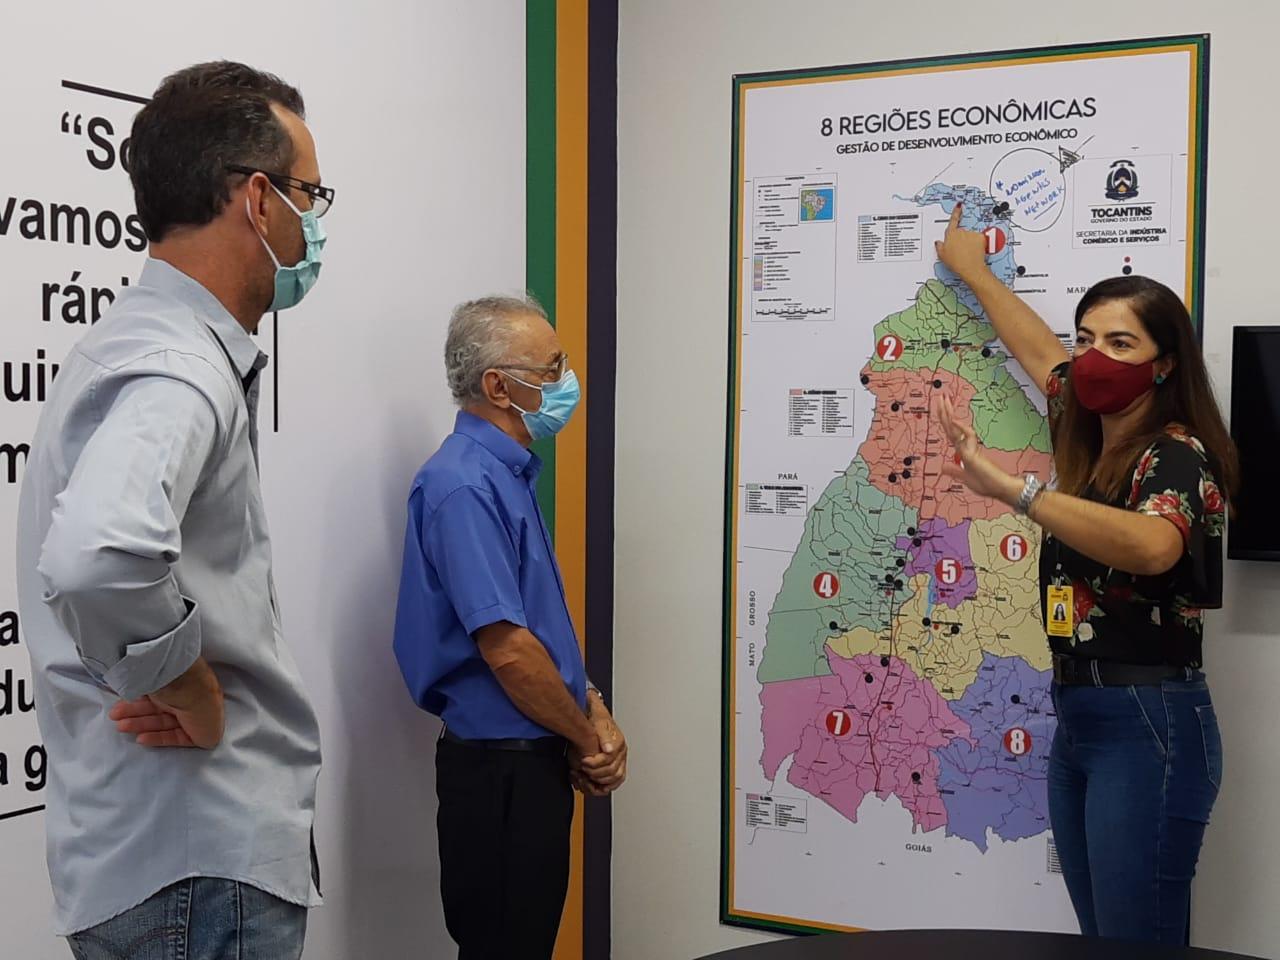 Empresário busca apoio do Governo para implementar fábrica de farinha e fécula de mandioca